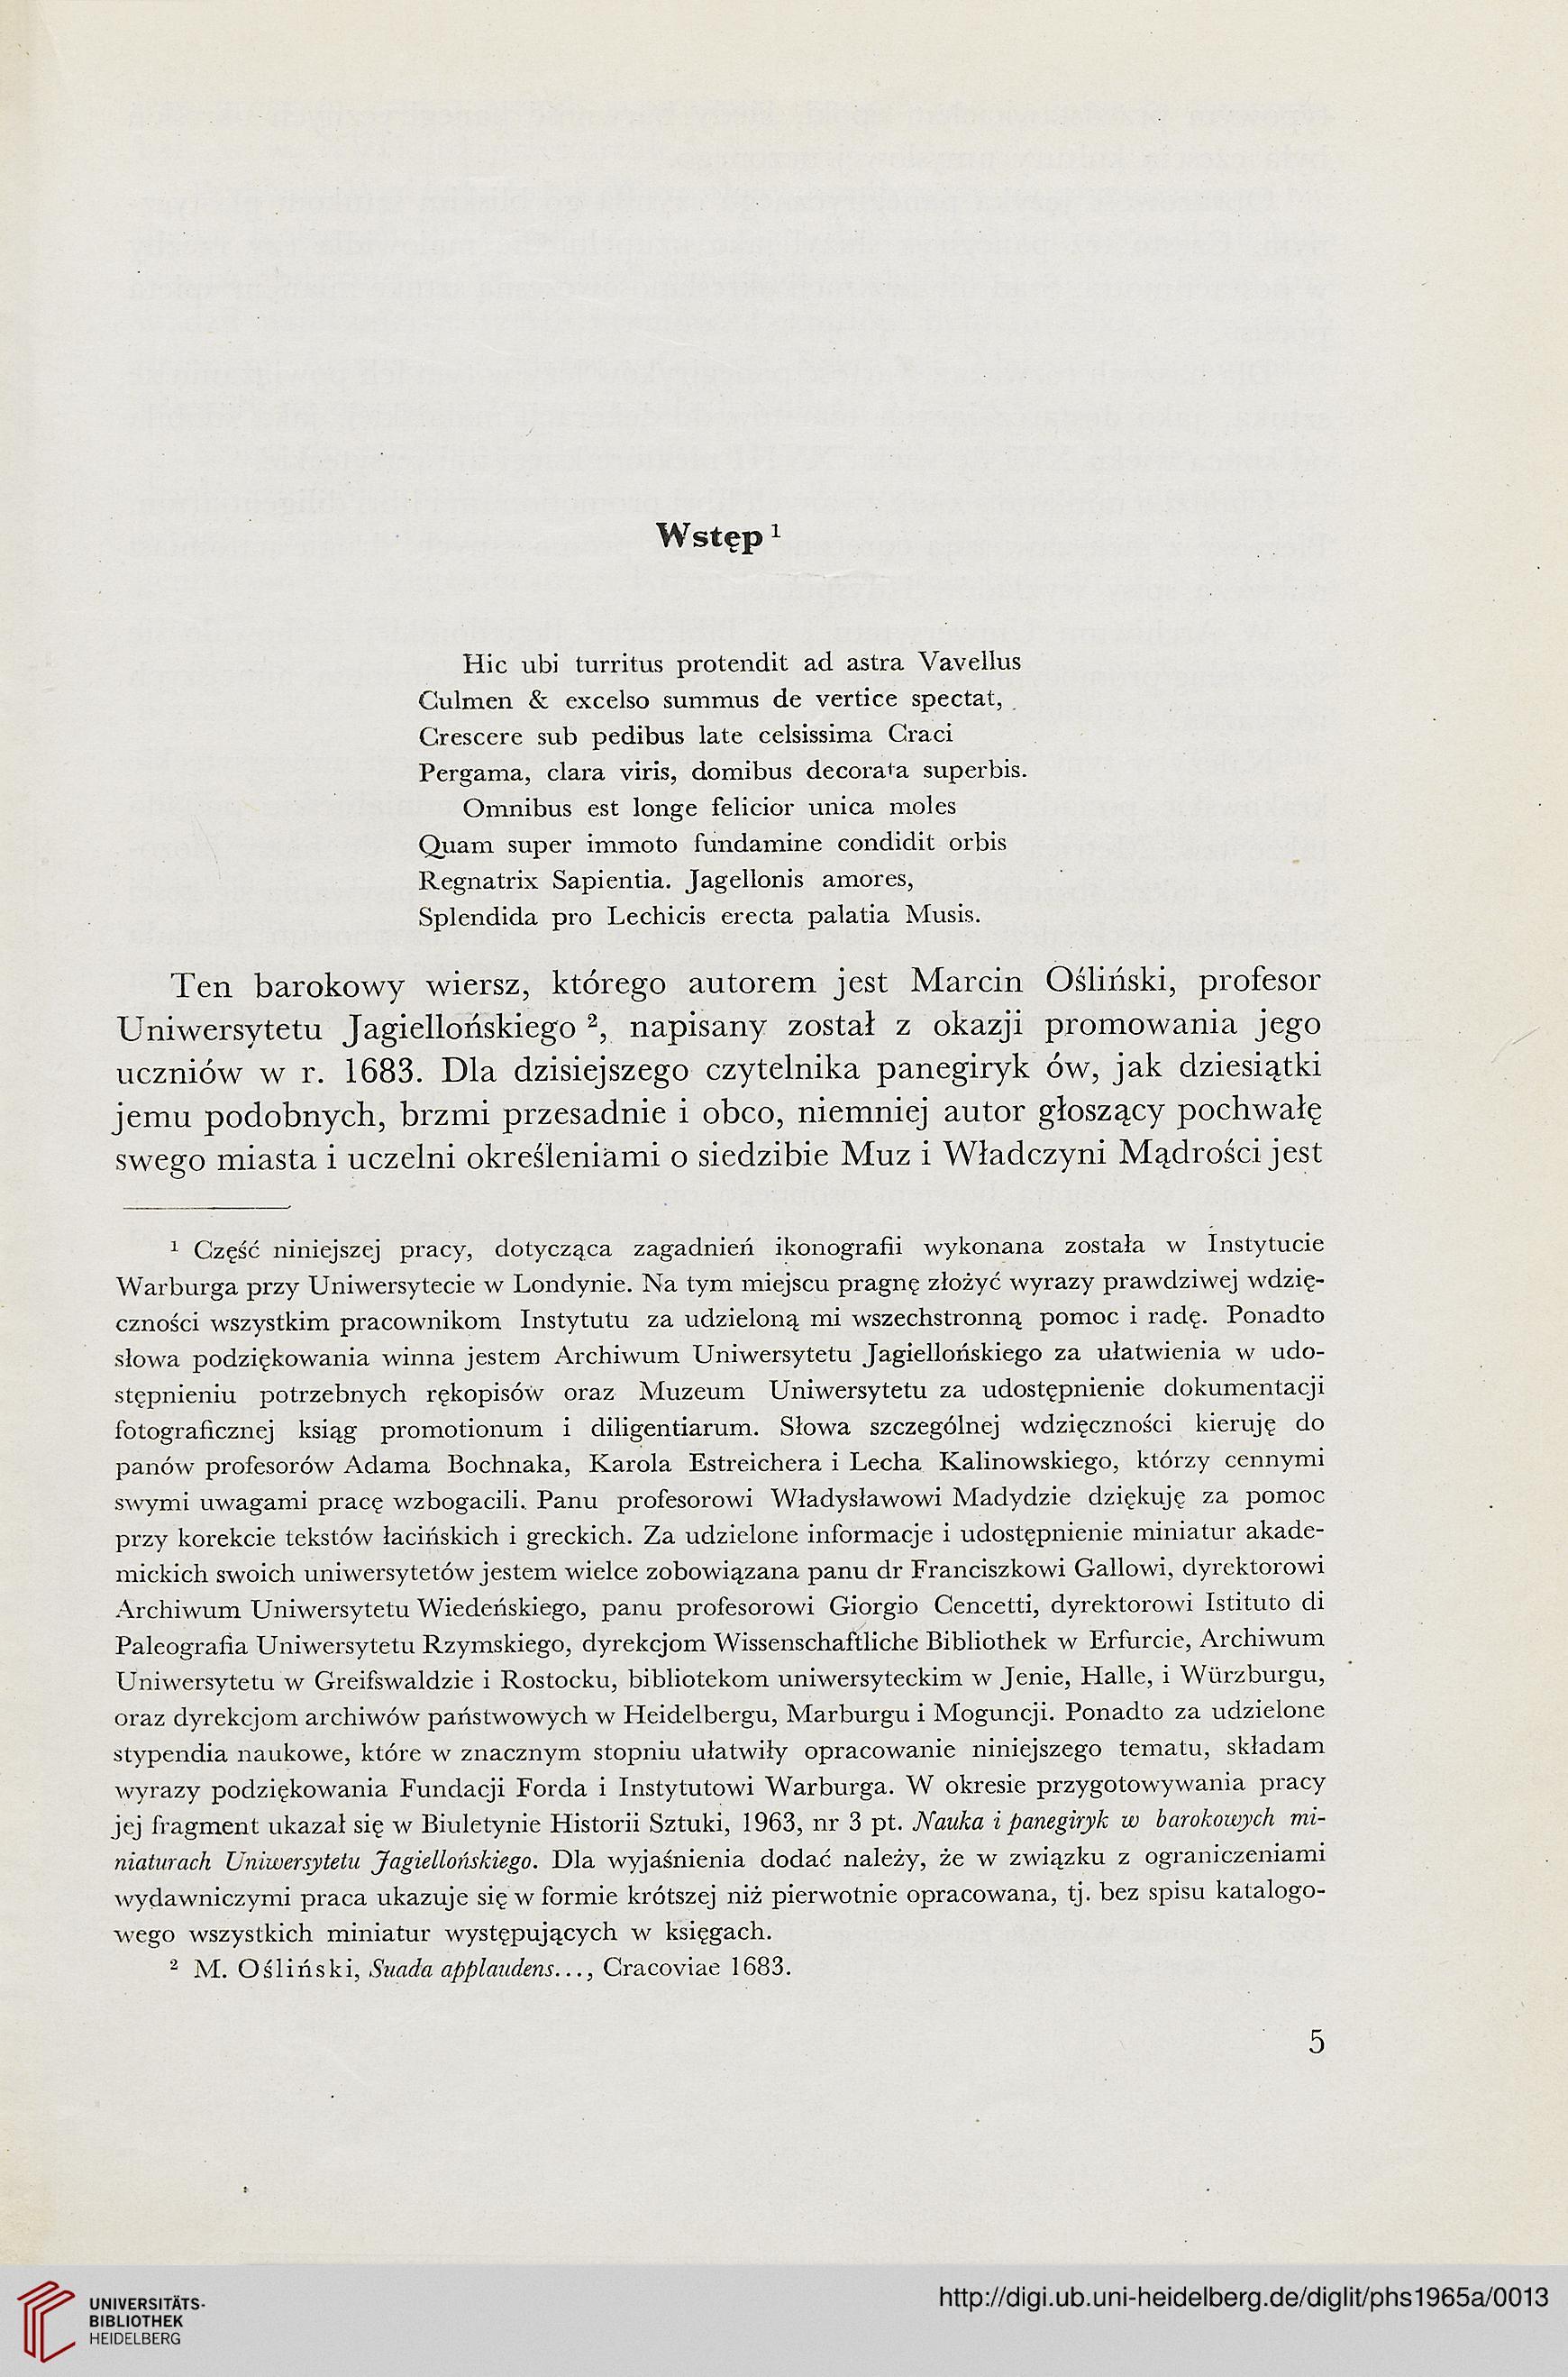 Chojecka Ewa Uniwersytet Jagielloński W Krakowie Hrsg